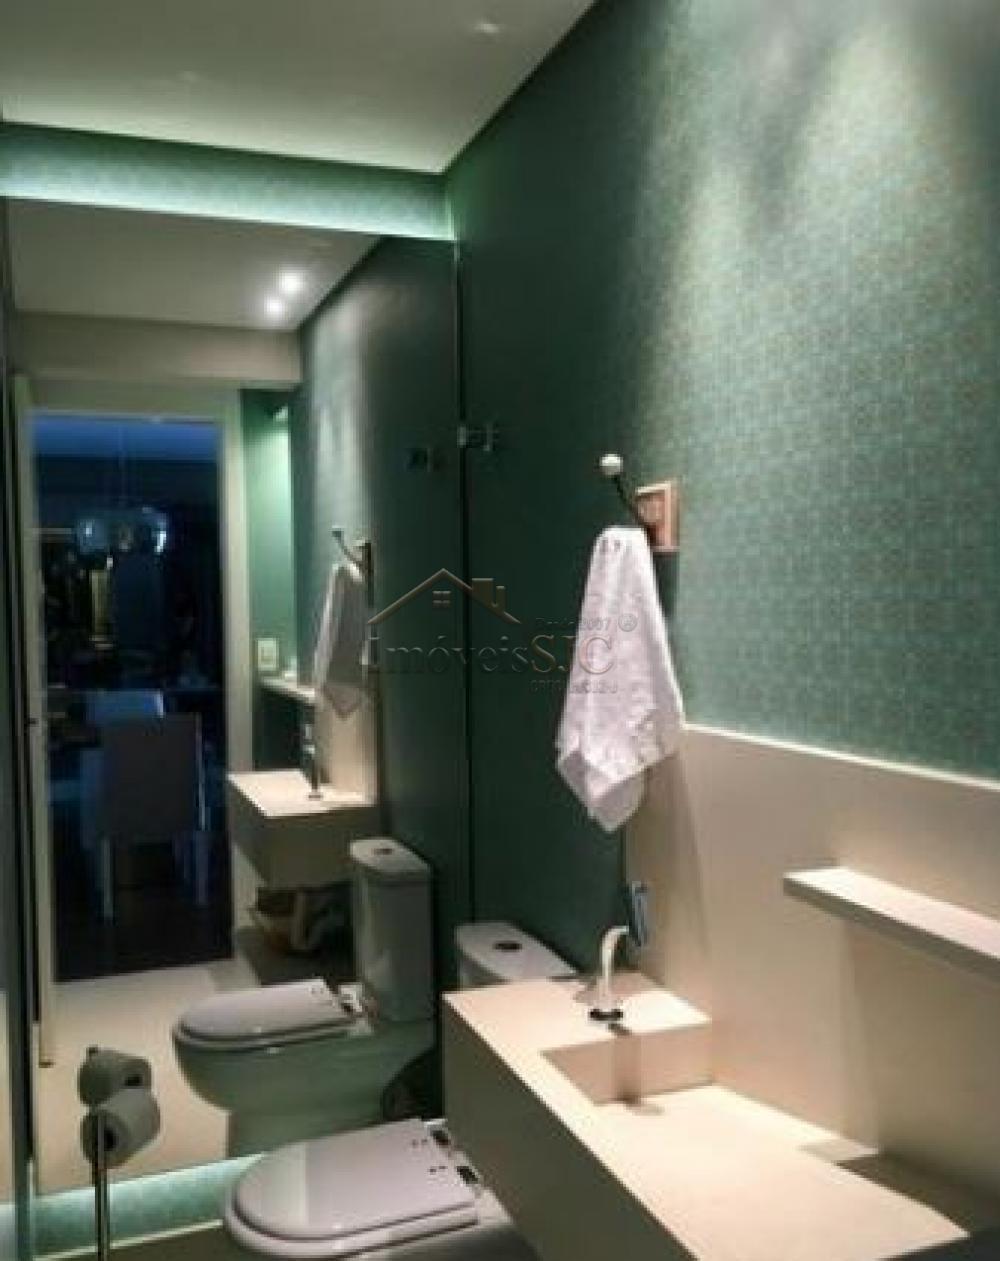 Comprar Apartamentos / Padrão em São José dos Campos apenas R$ 660.000,00 - Foto 16